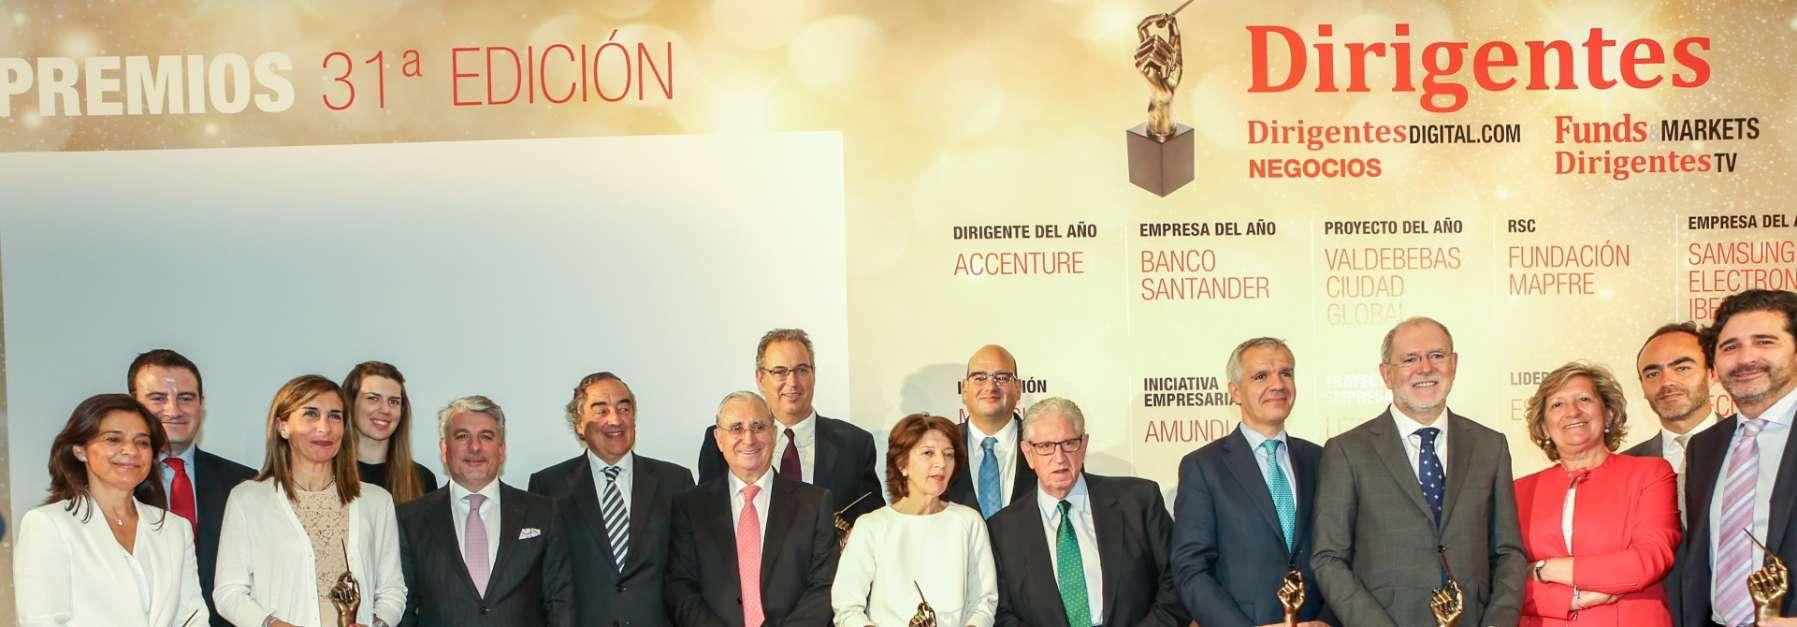 Premio 'Proyecto del año' <br/>por la revista Dirigentes para Valdebebas